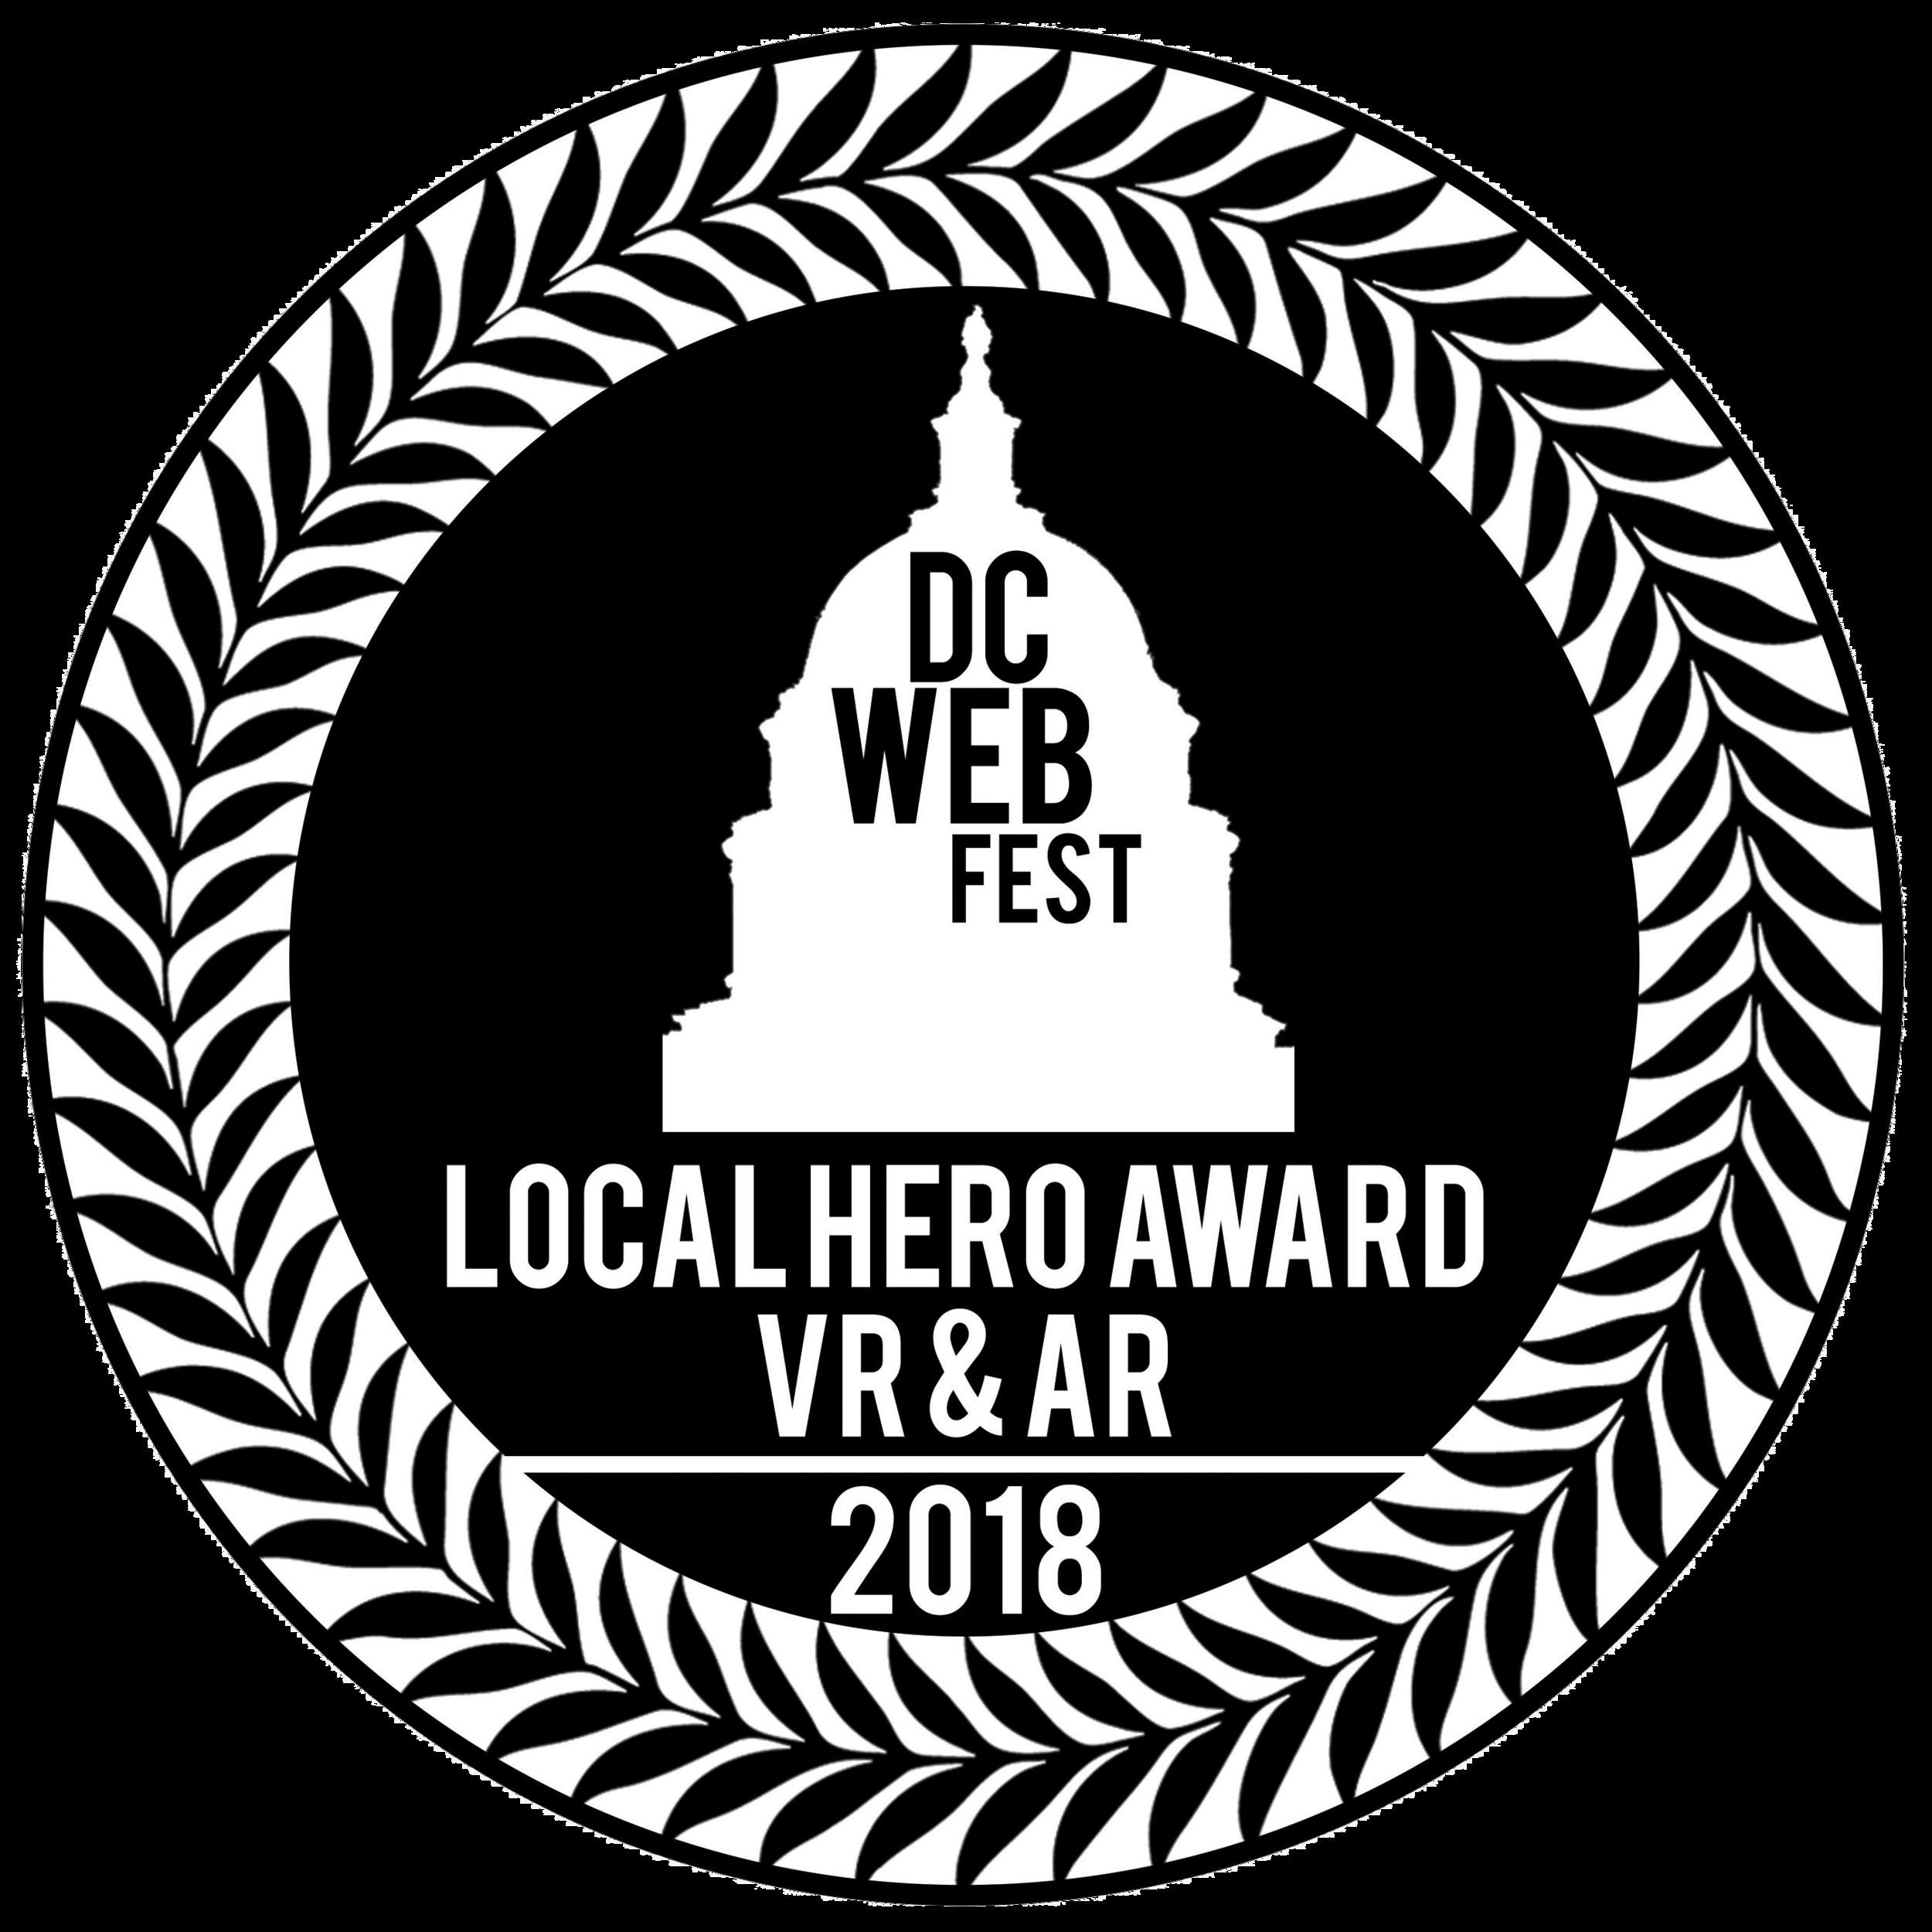 DC Web Fest_Local Hero Award_VR_AR_2018